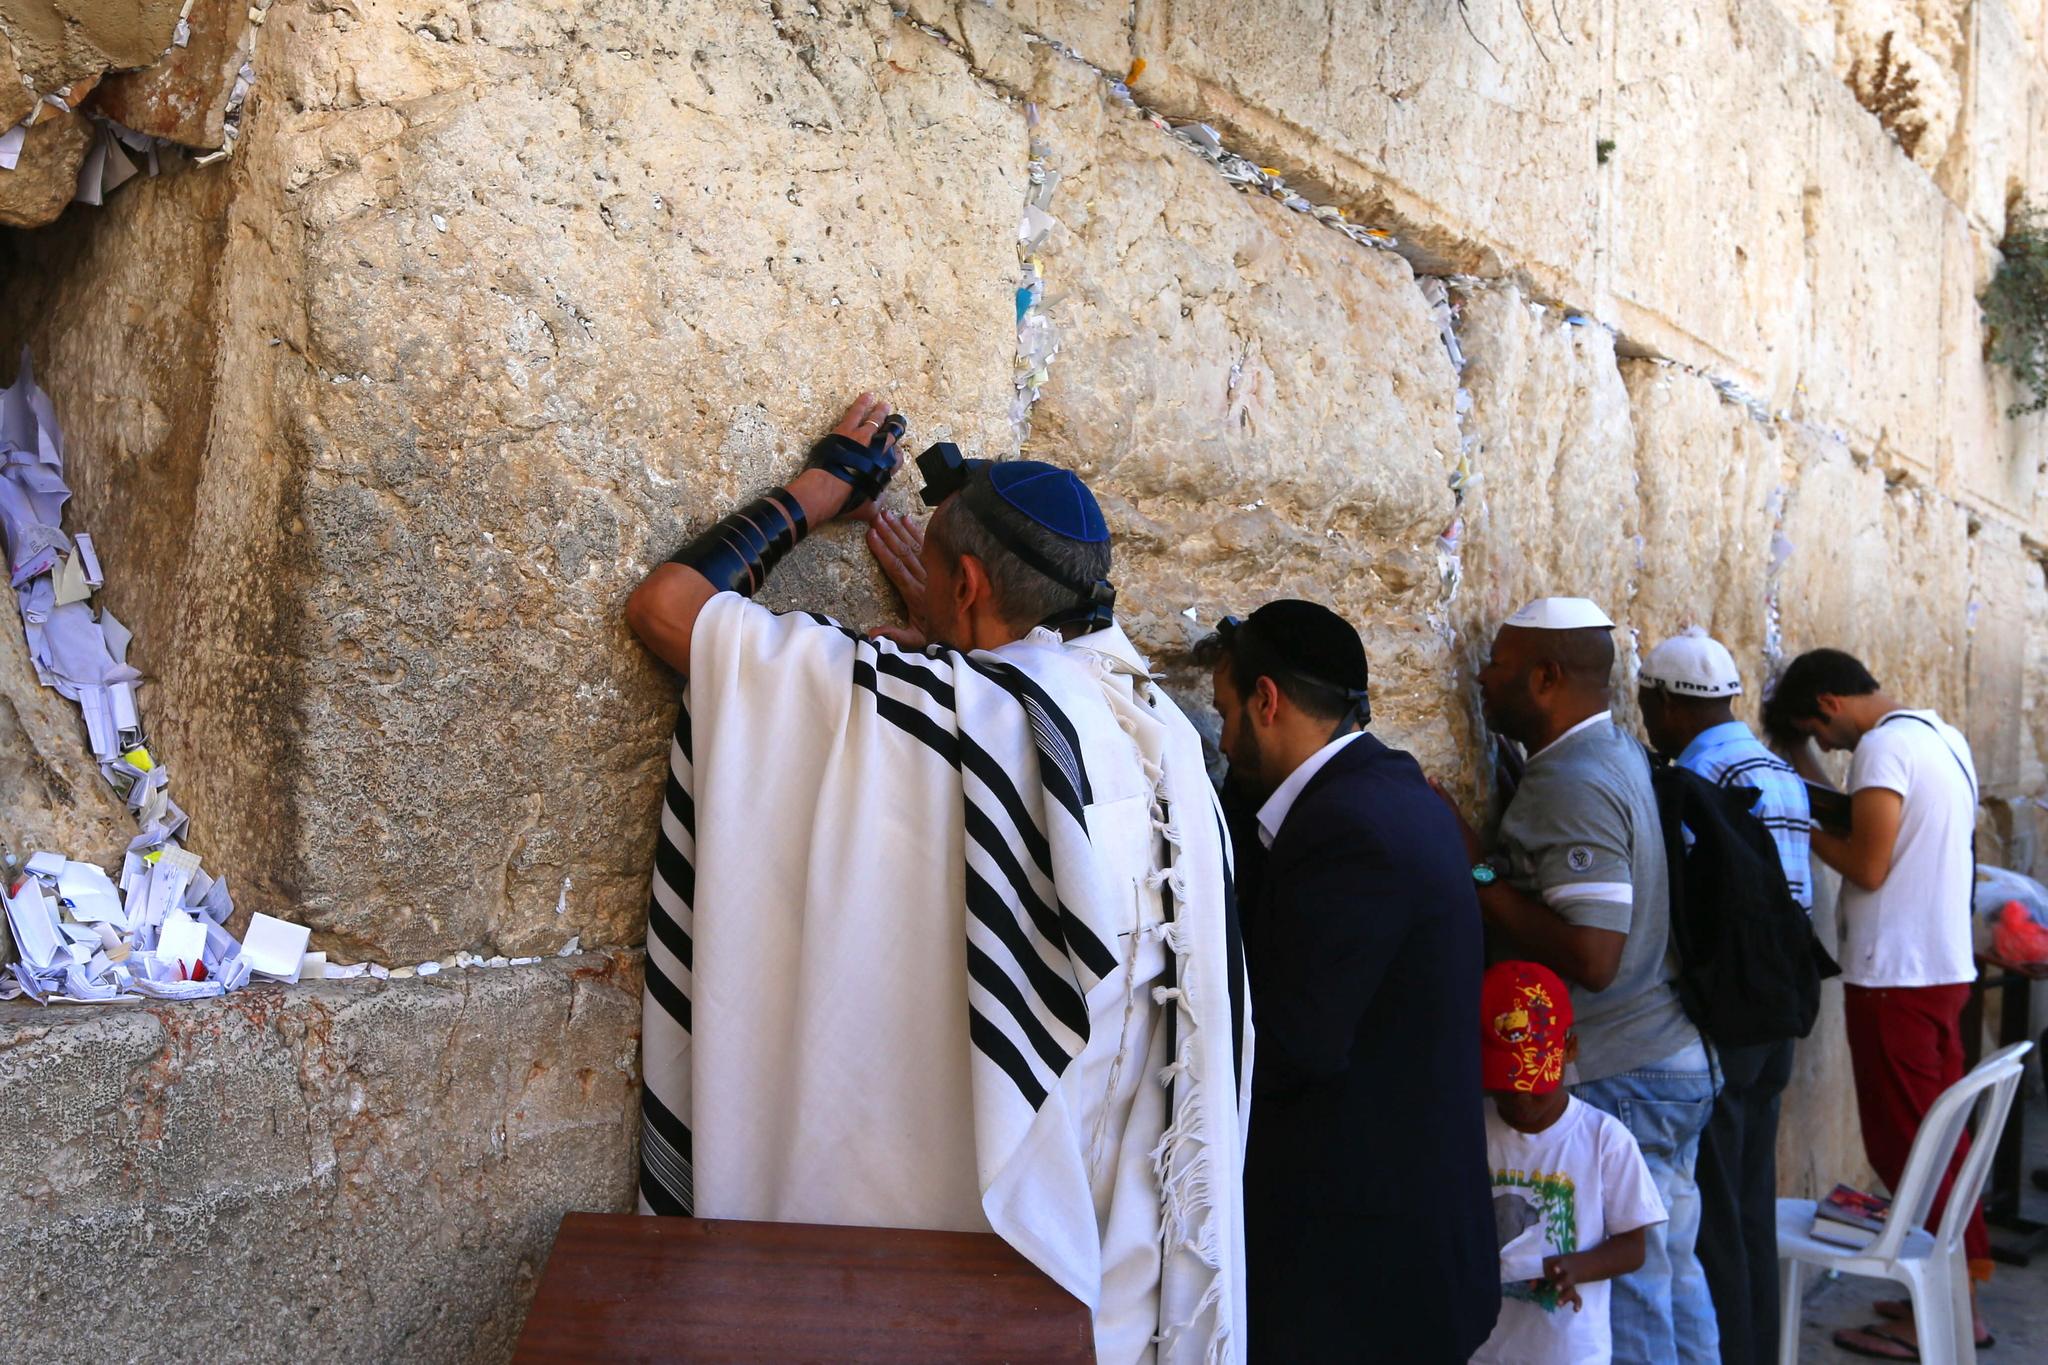 예루살렘 '통곡의 벽'에서 기도하는 유대인들. 타종교에 관대했던 페르시아 점령 시절인 기원전 6세기에 지어져 헤로데 왕 시절인 기원전 20년에 보수된 예루살렘 제2 성전의 서쪽 벽이다. 제2 성전은 기원 70년 유대 반란을 진압한 로마군에 의해 파괴돼 서쪽 벽과 일부 돌더미만 남았다. 로마는 유대인의 예루살렘 입성까지 금지했다.